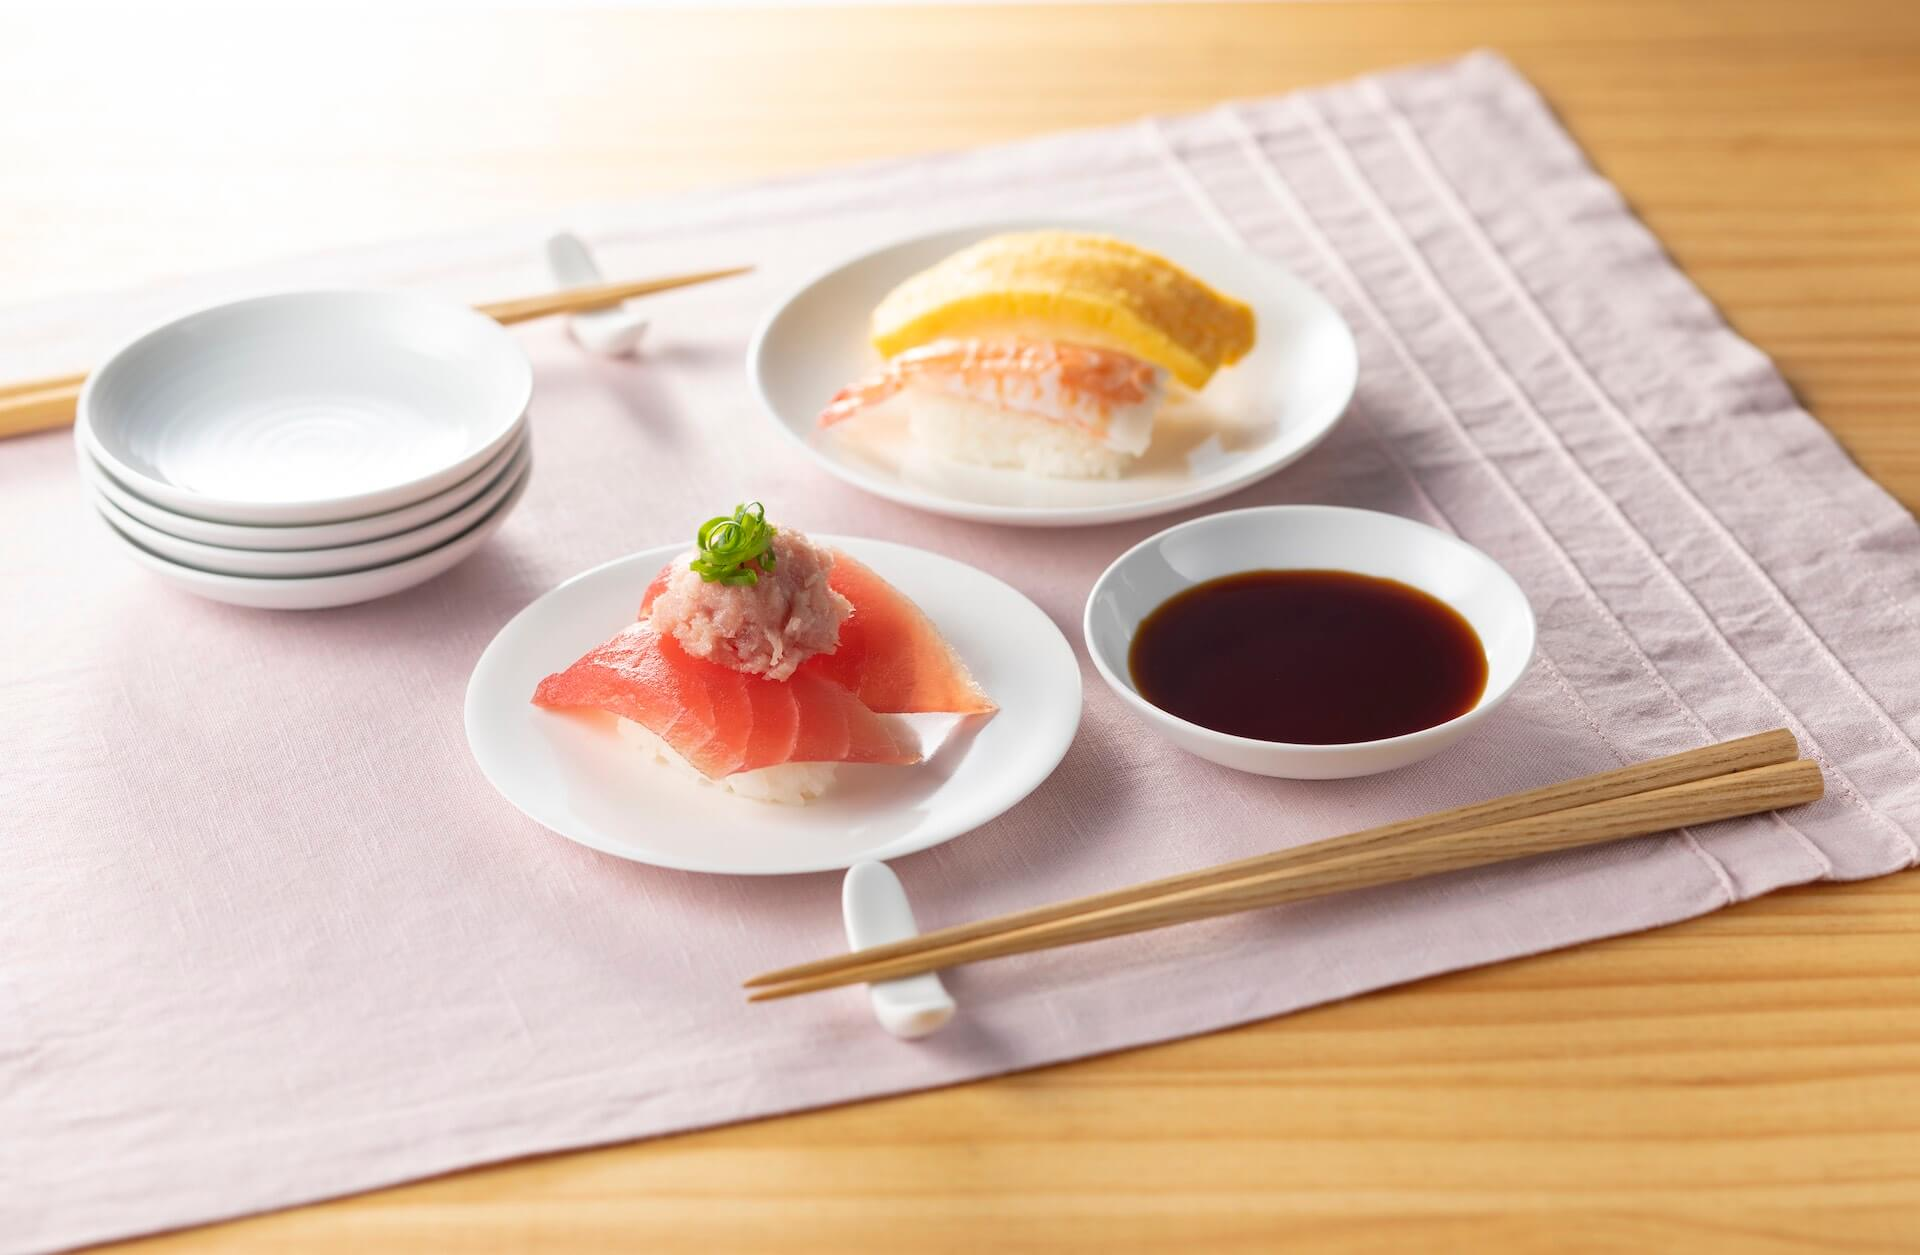 おうちで手作りはま寿司を楽しもう!人気・贅沢ネタ11種としゃり30貫がセットになった「おうちではま寿司セット」が登場 gourmet_200424_hamazushi_03